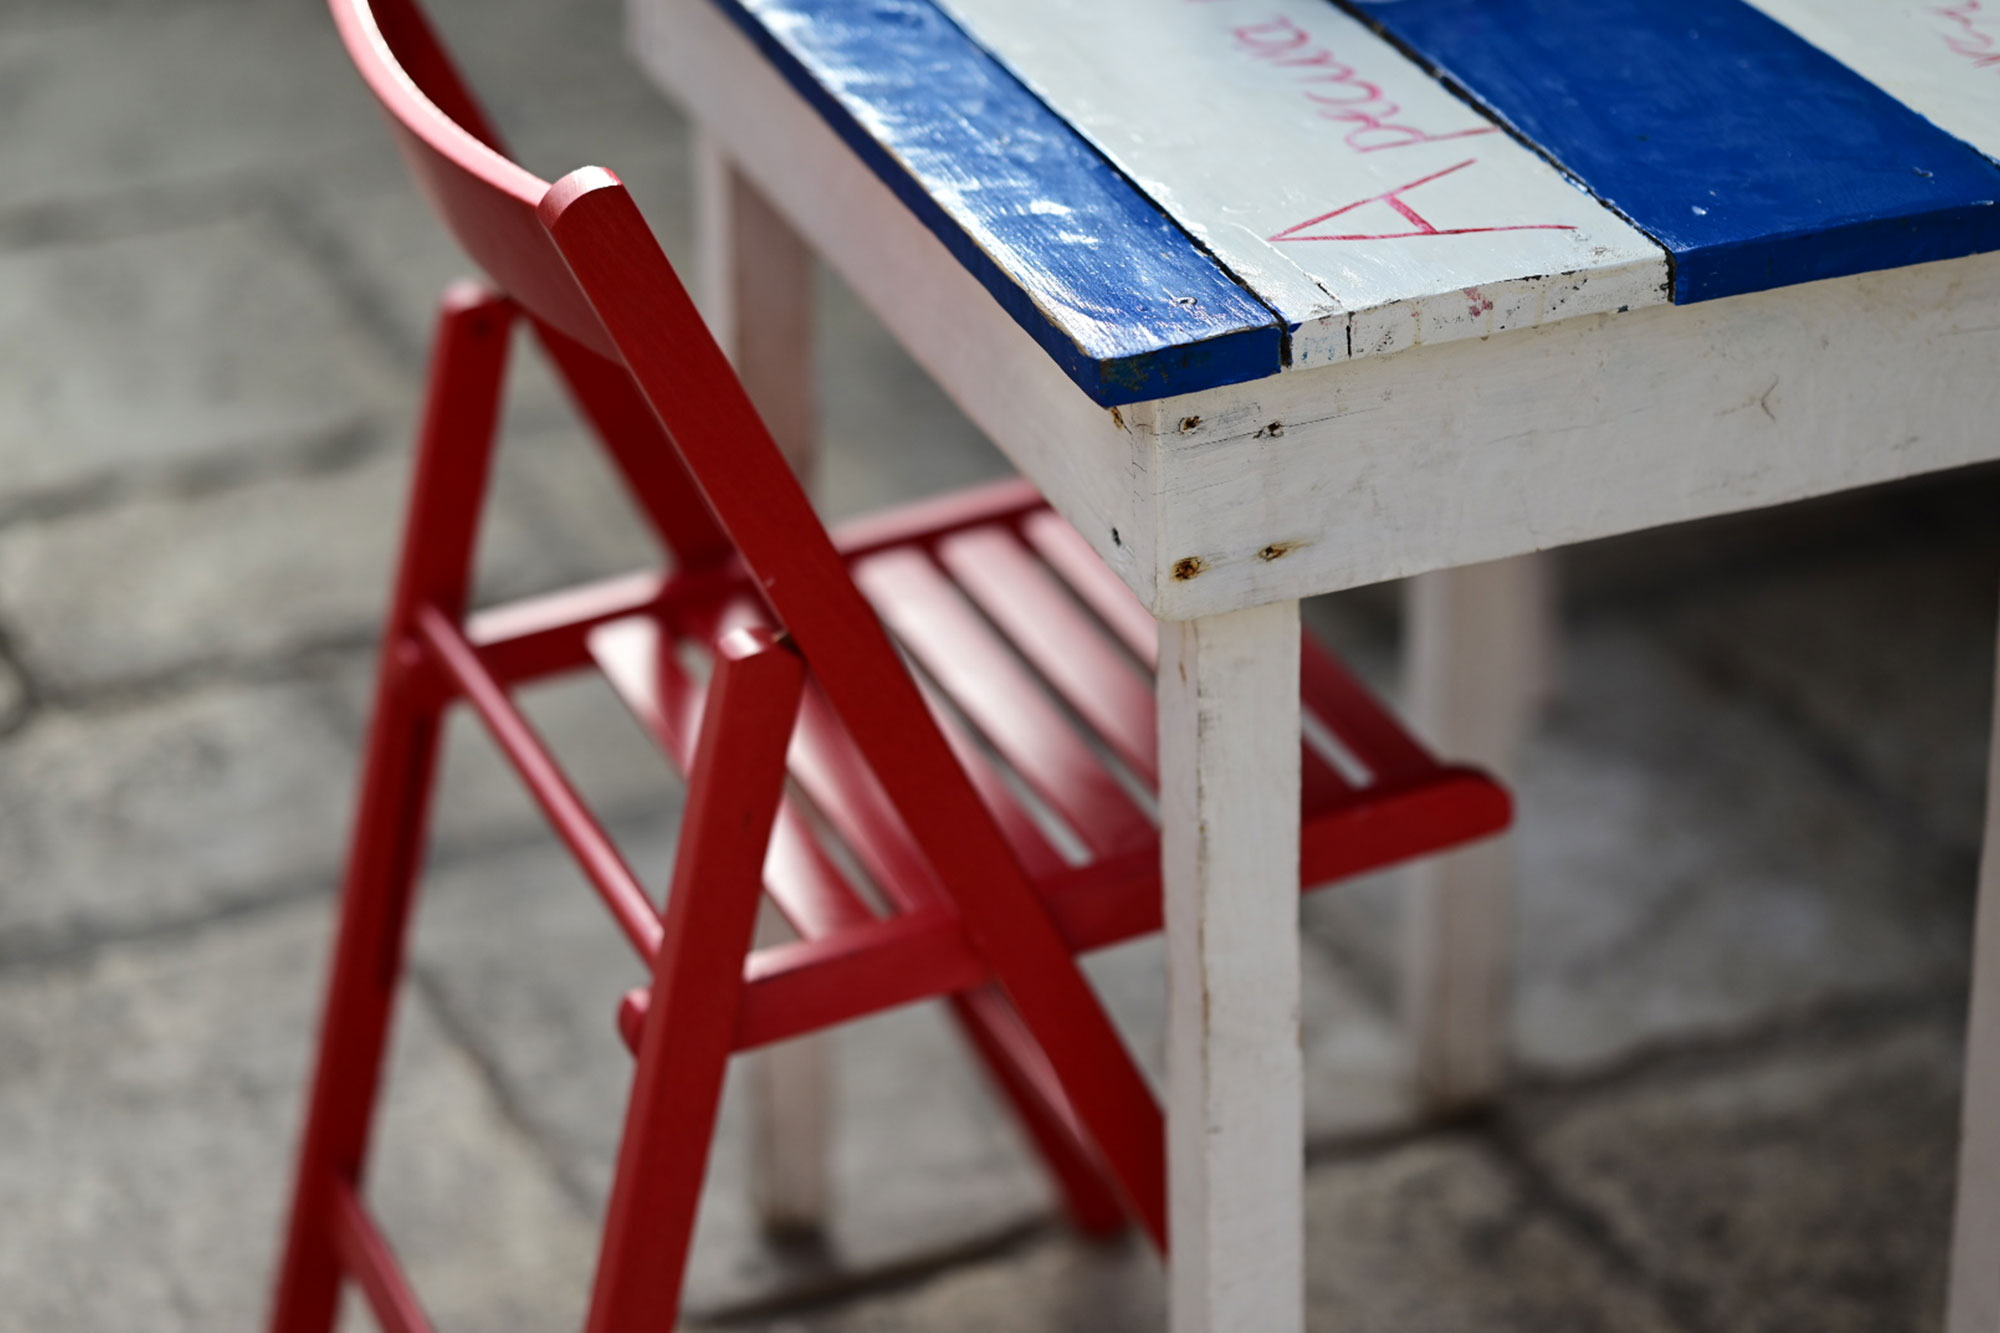 tavolino di legno con sedia rossa